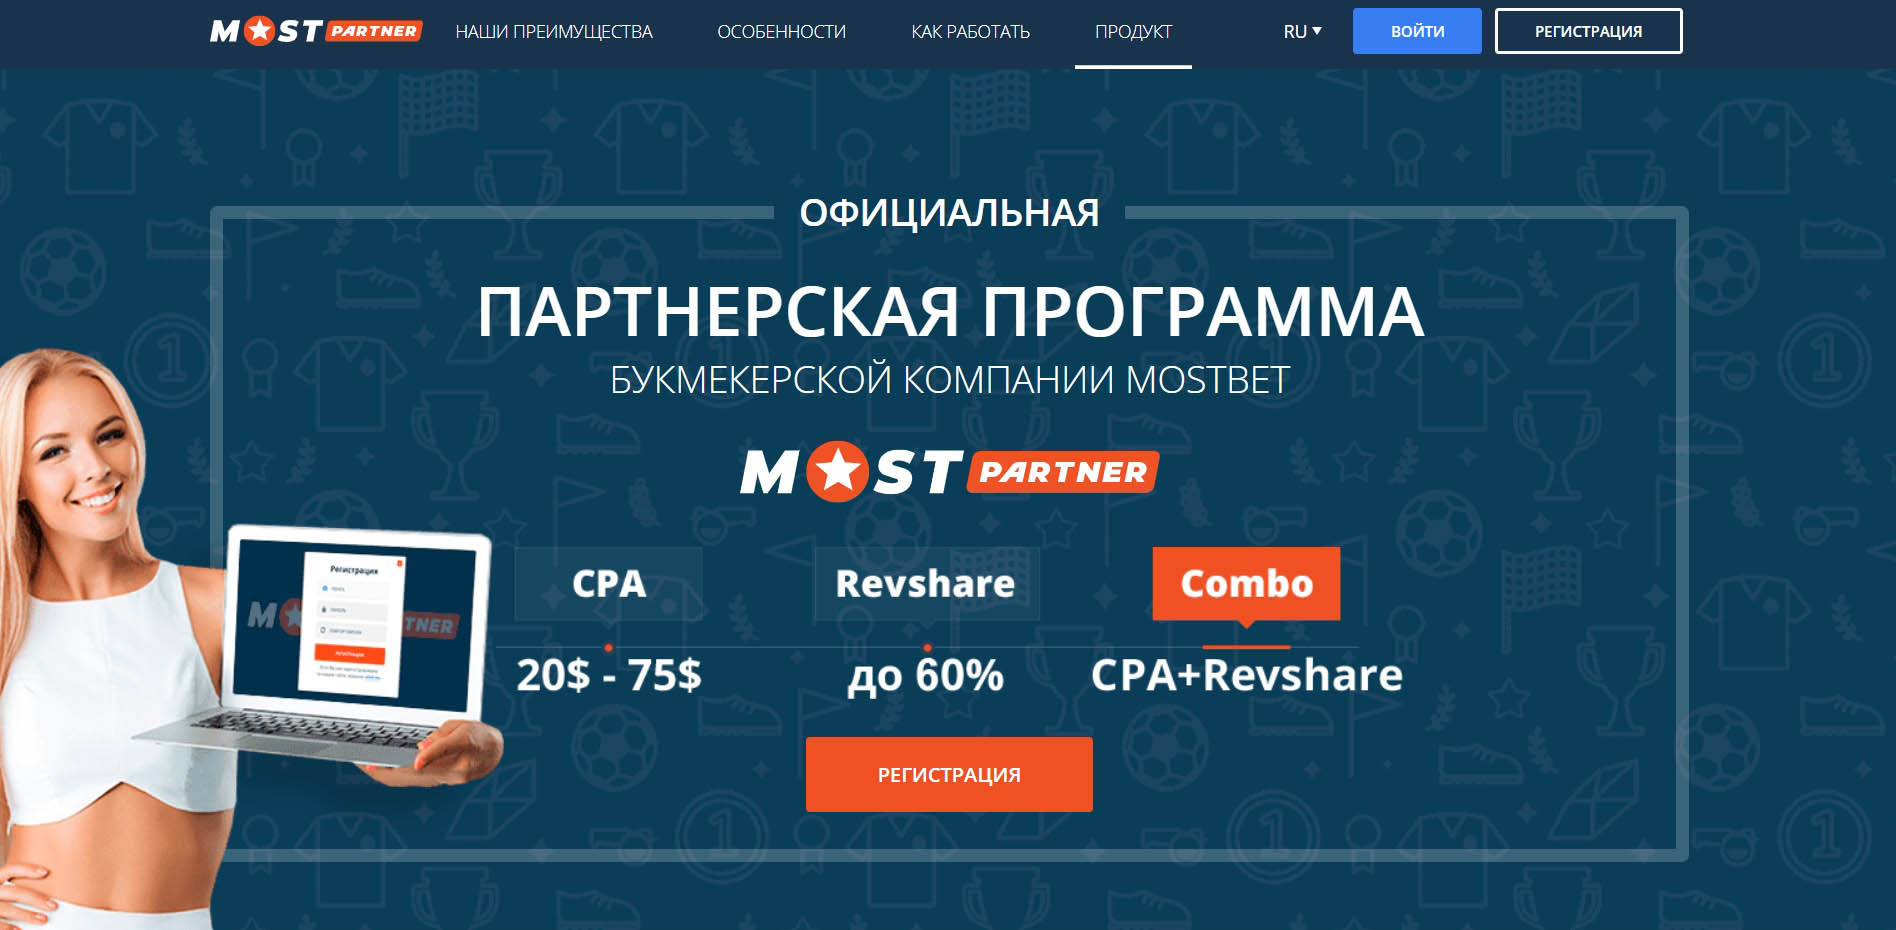 Партнерская программа для беттинг-трафика MOSTPARTNER